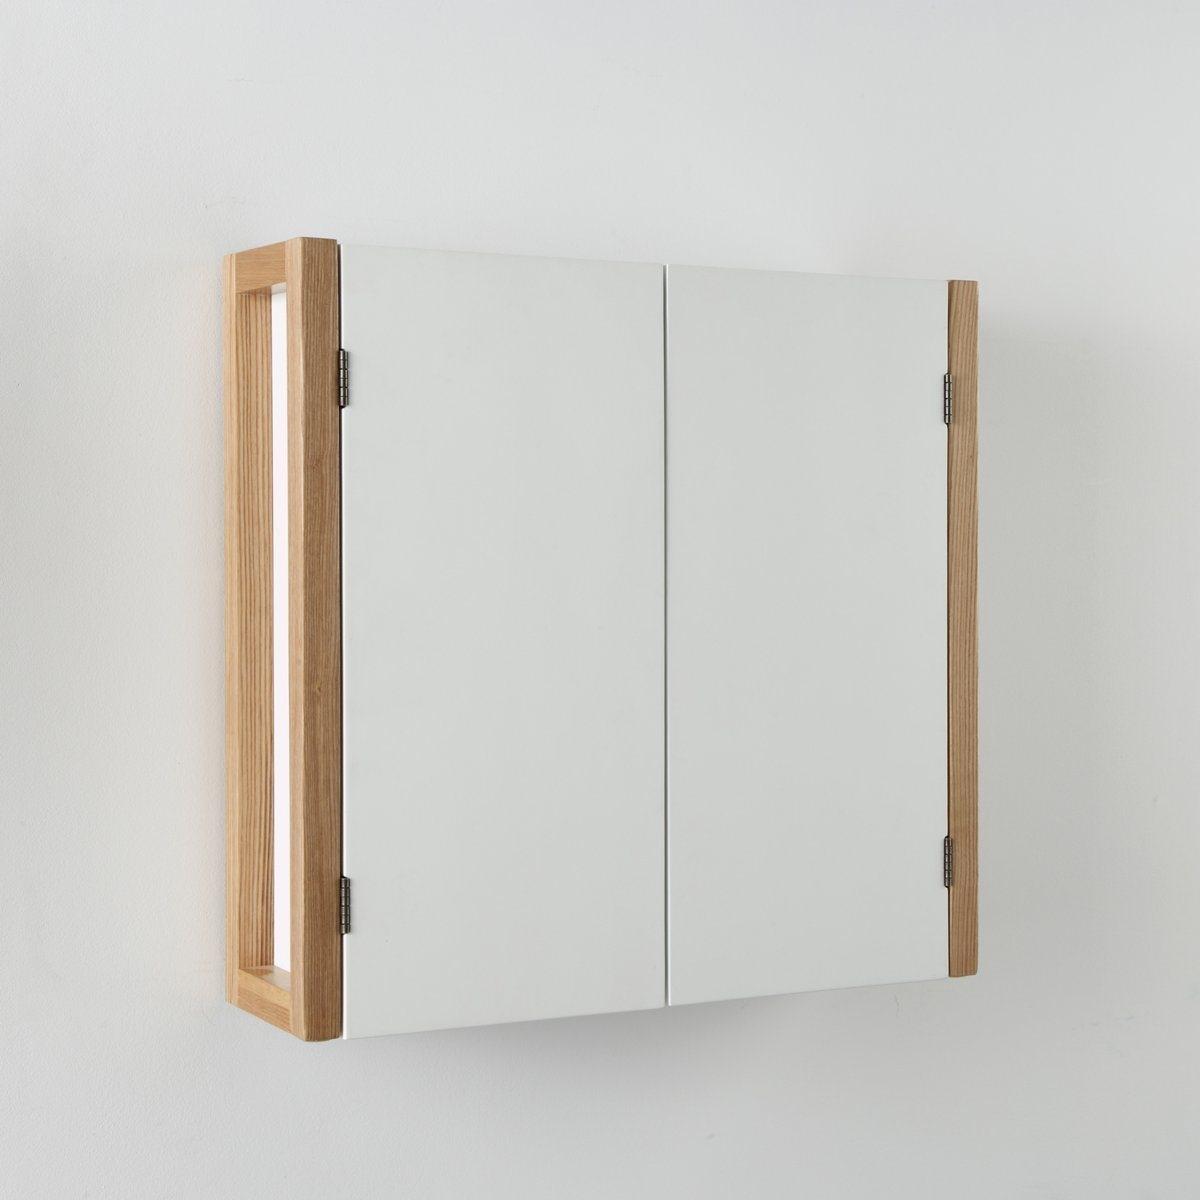 Высокий шкаф для ванной комнаты CompoОписание шкафа Compo:2 дверцы с магнитными замками.1 полка.Для шкафа Compo предусматривается самостоятельная сборка.Характеристики шкафа Compo:Стойки из дуба.Шкаф и дверцы из МДФ с лакированным матовым покрытием нитроцеллюлозным лаком.Найдите другие шкафы и мебель для ванной комнаты и гостиной  из коллекции Compo на сайте laredoute.ru.Размеры шкафа Compo:Общие:Длина: 65 см.Высота: 60 см.Глубина: 18 см.Полезные: Ш.55,4 x В.55,2 x Г.15,7 см + 1 стационарная полка.Размеры и вес с упаковкой:1 упаковка.Ш.68 x В.44,5 x Г.16 см.15,5 кг.<br><br>Цвет: белый<br>Размер: единый размер